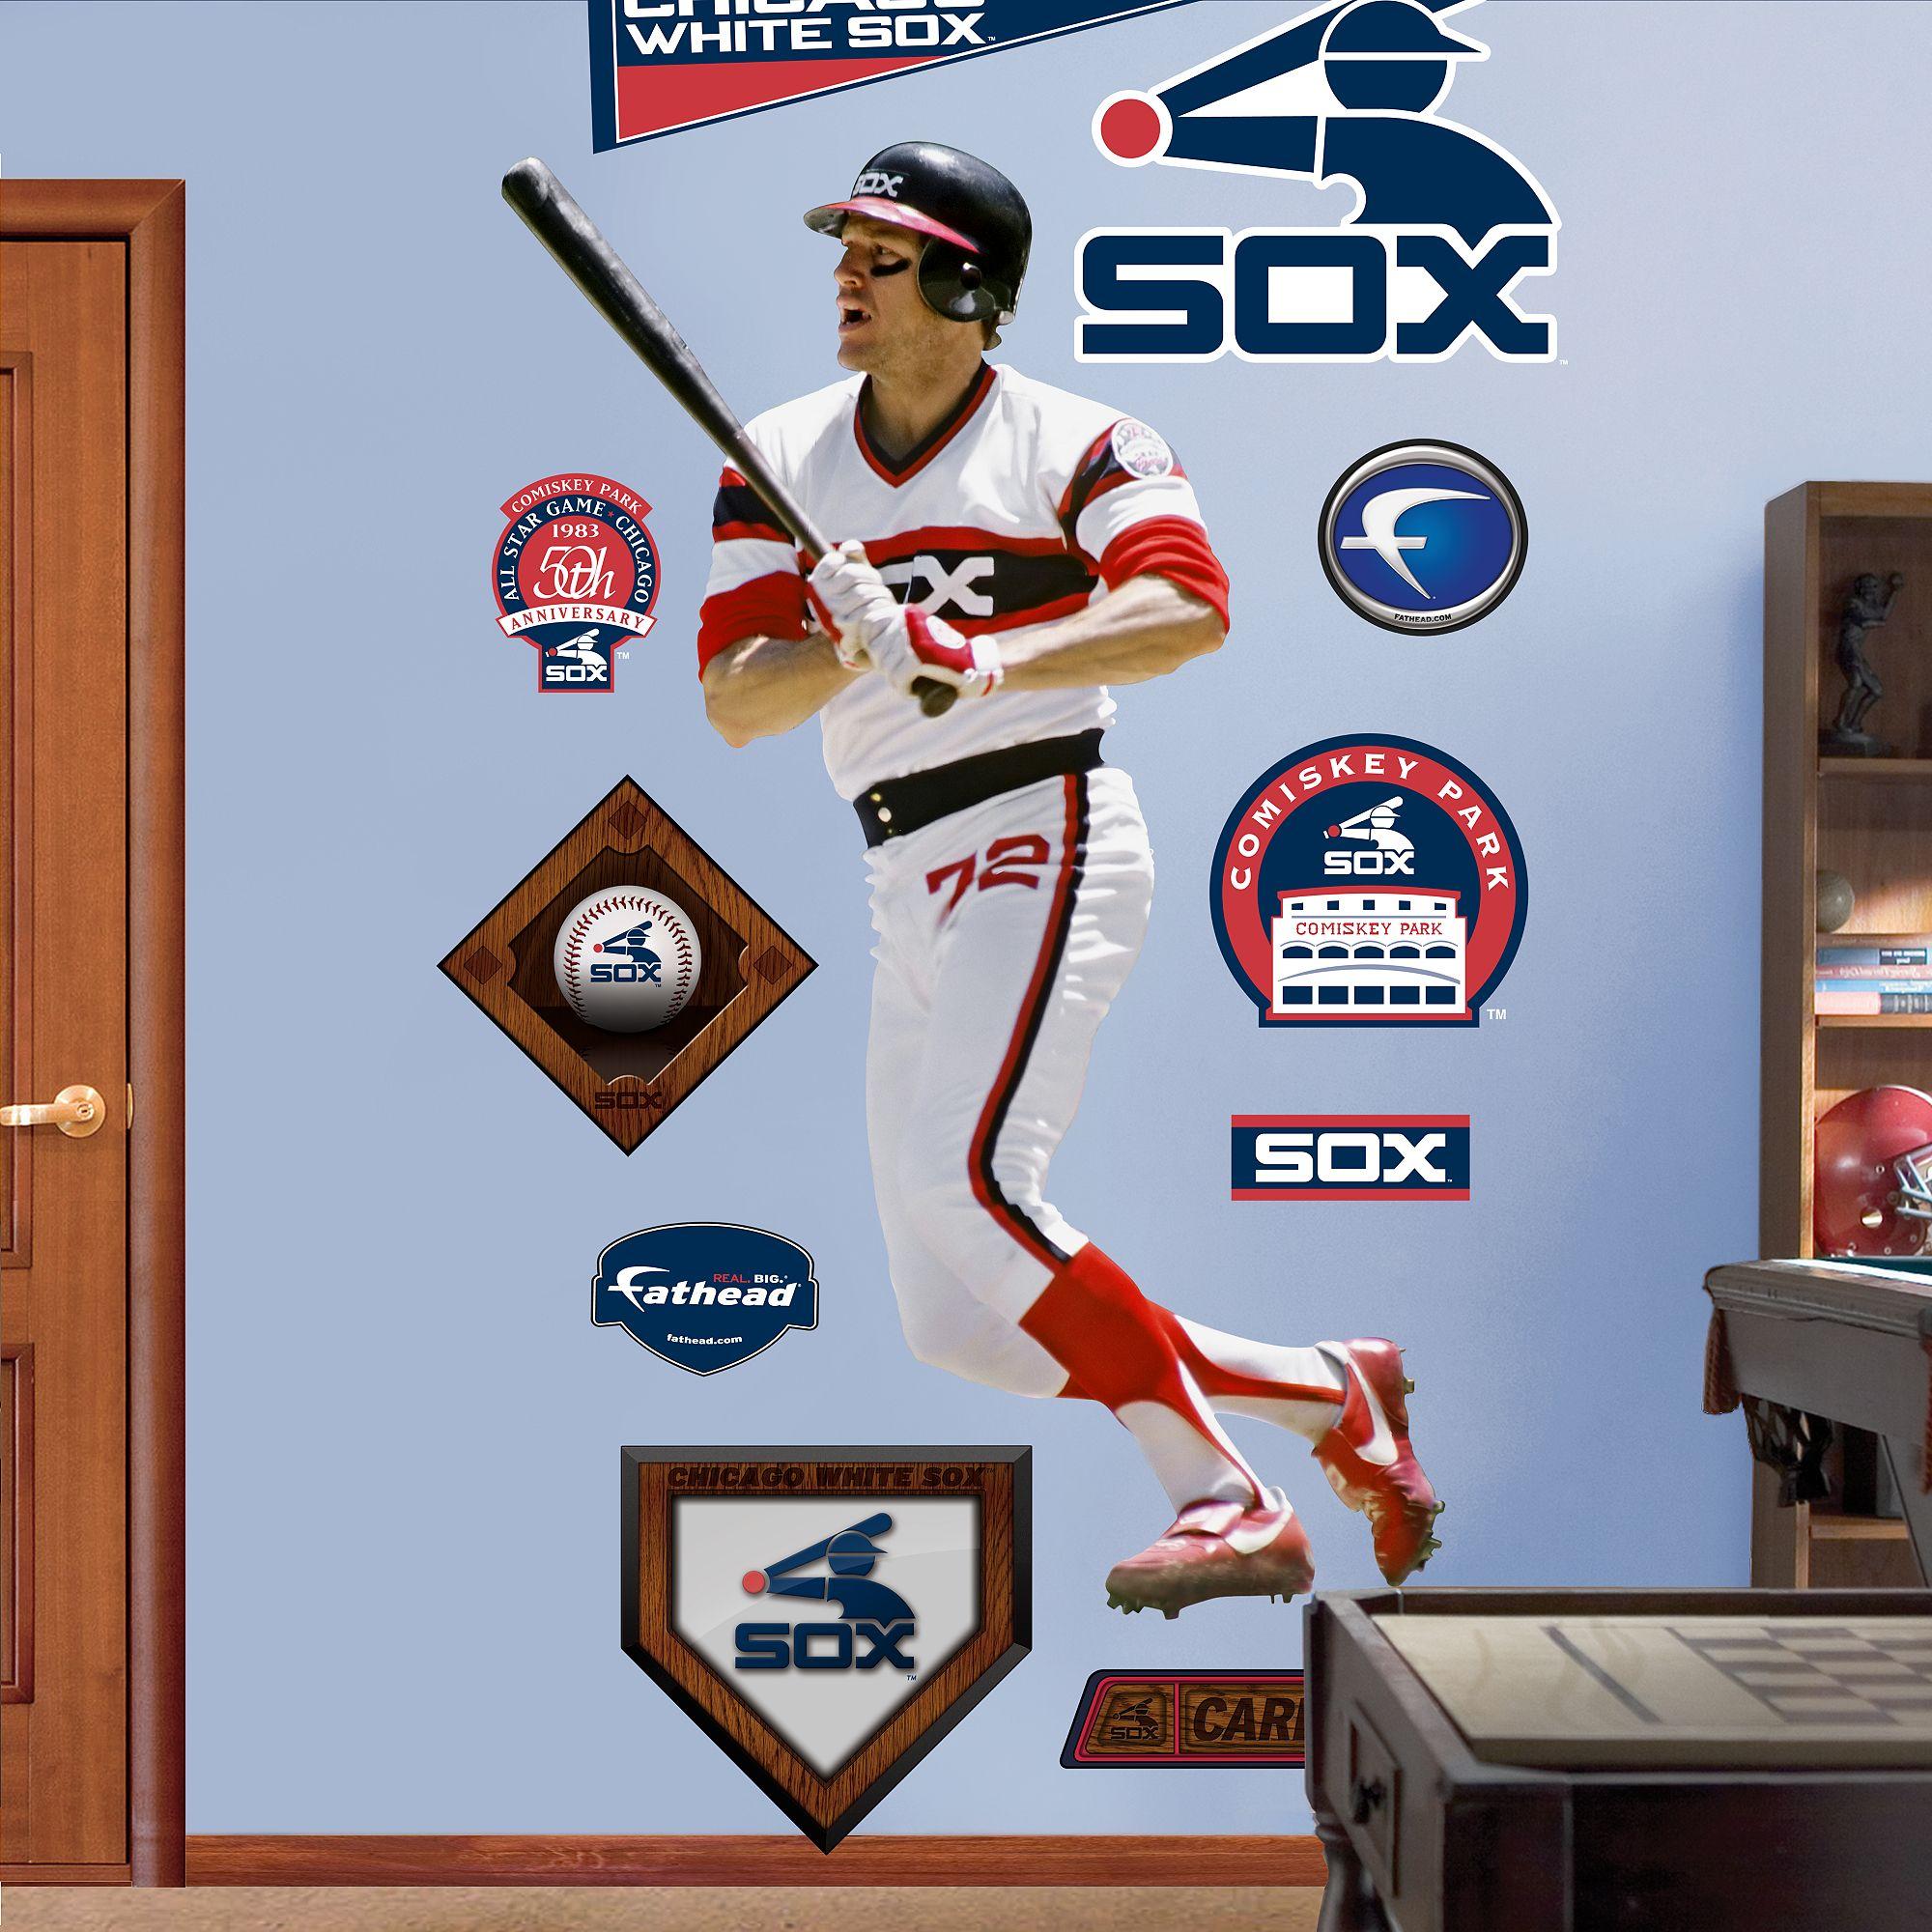 Fathead Carlton Fisk White Sox Fathead